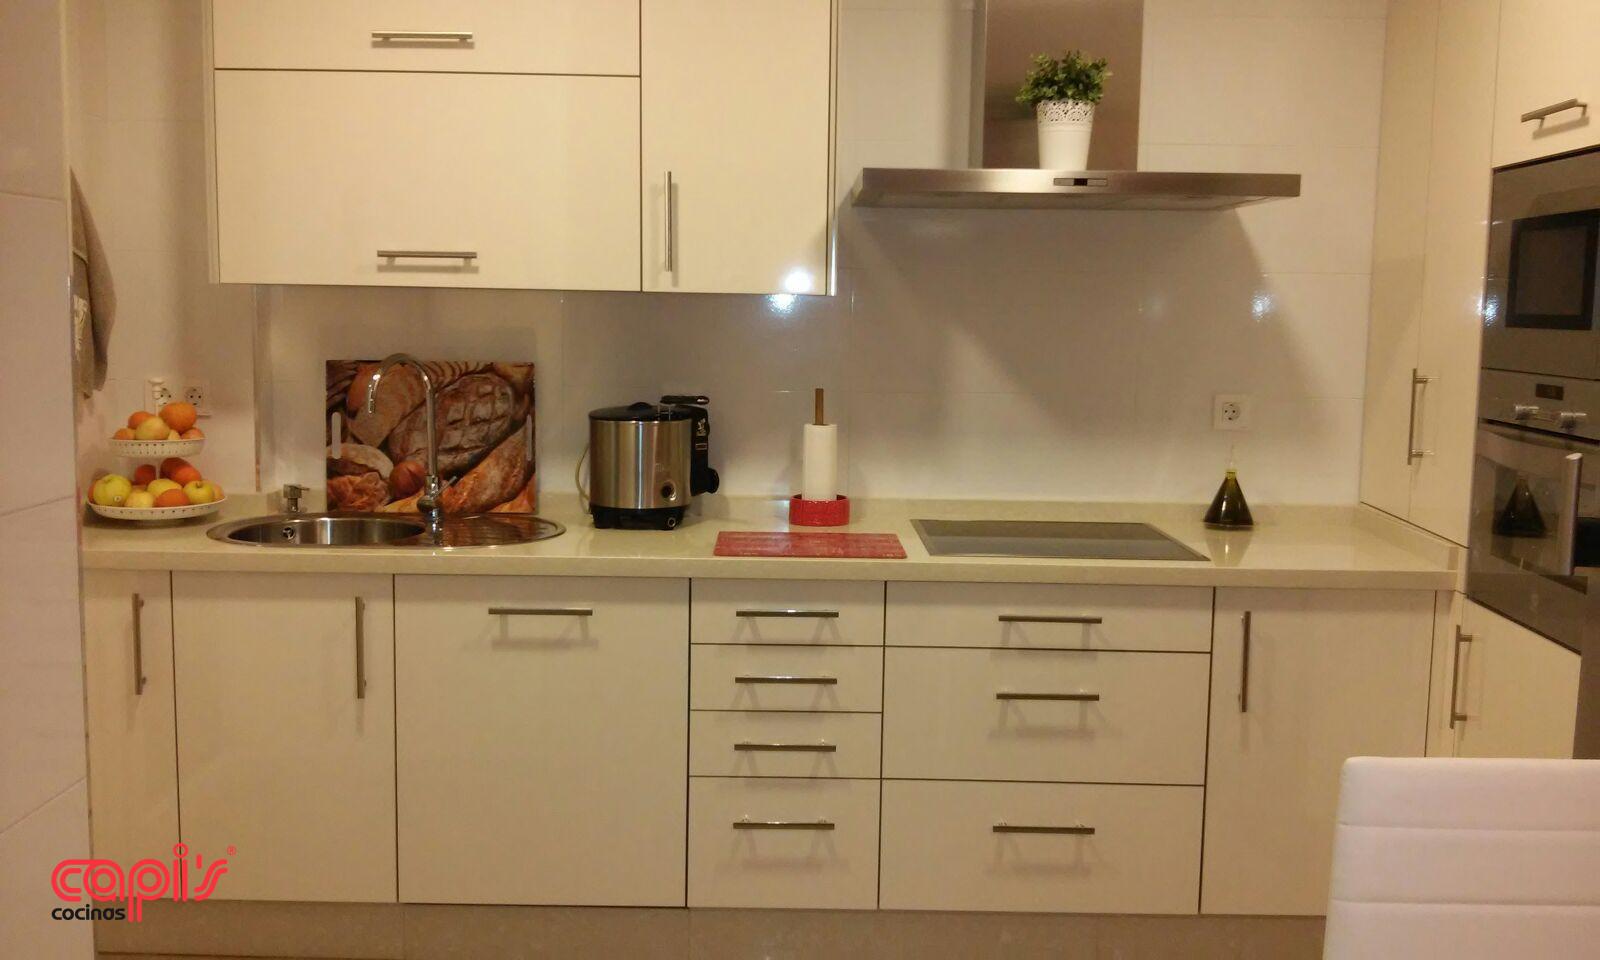 Cocina blanca encimera beige cocina blanca con encimera for Cocina blanca encimera beige